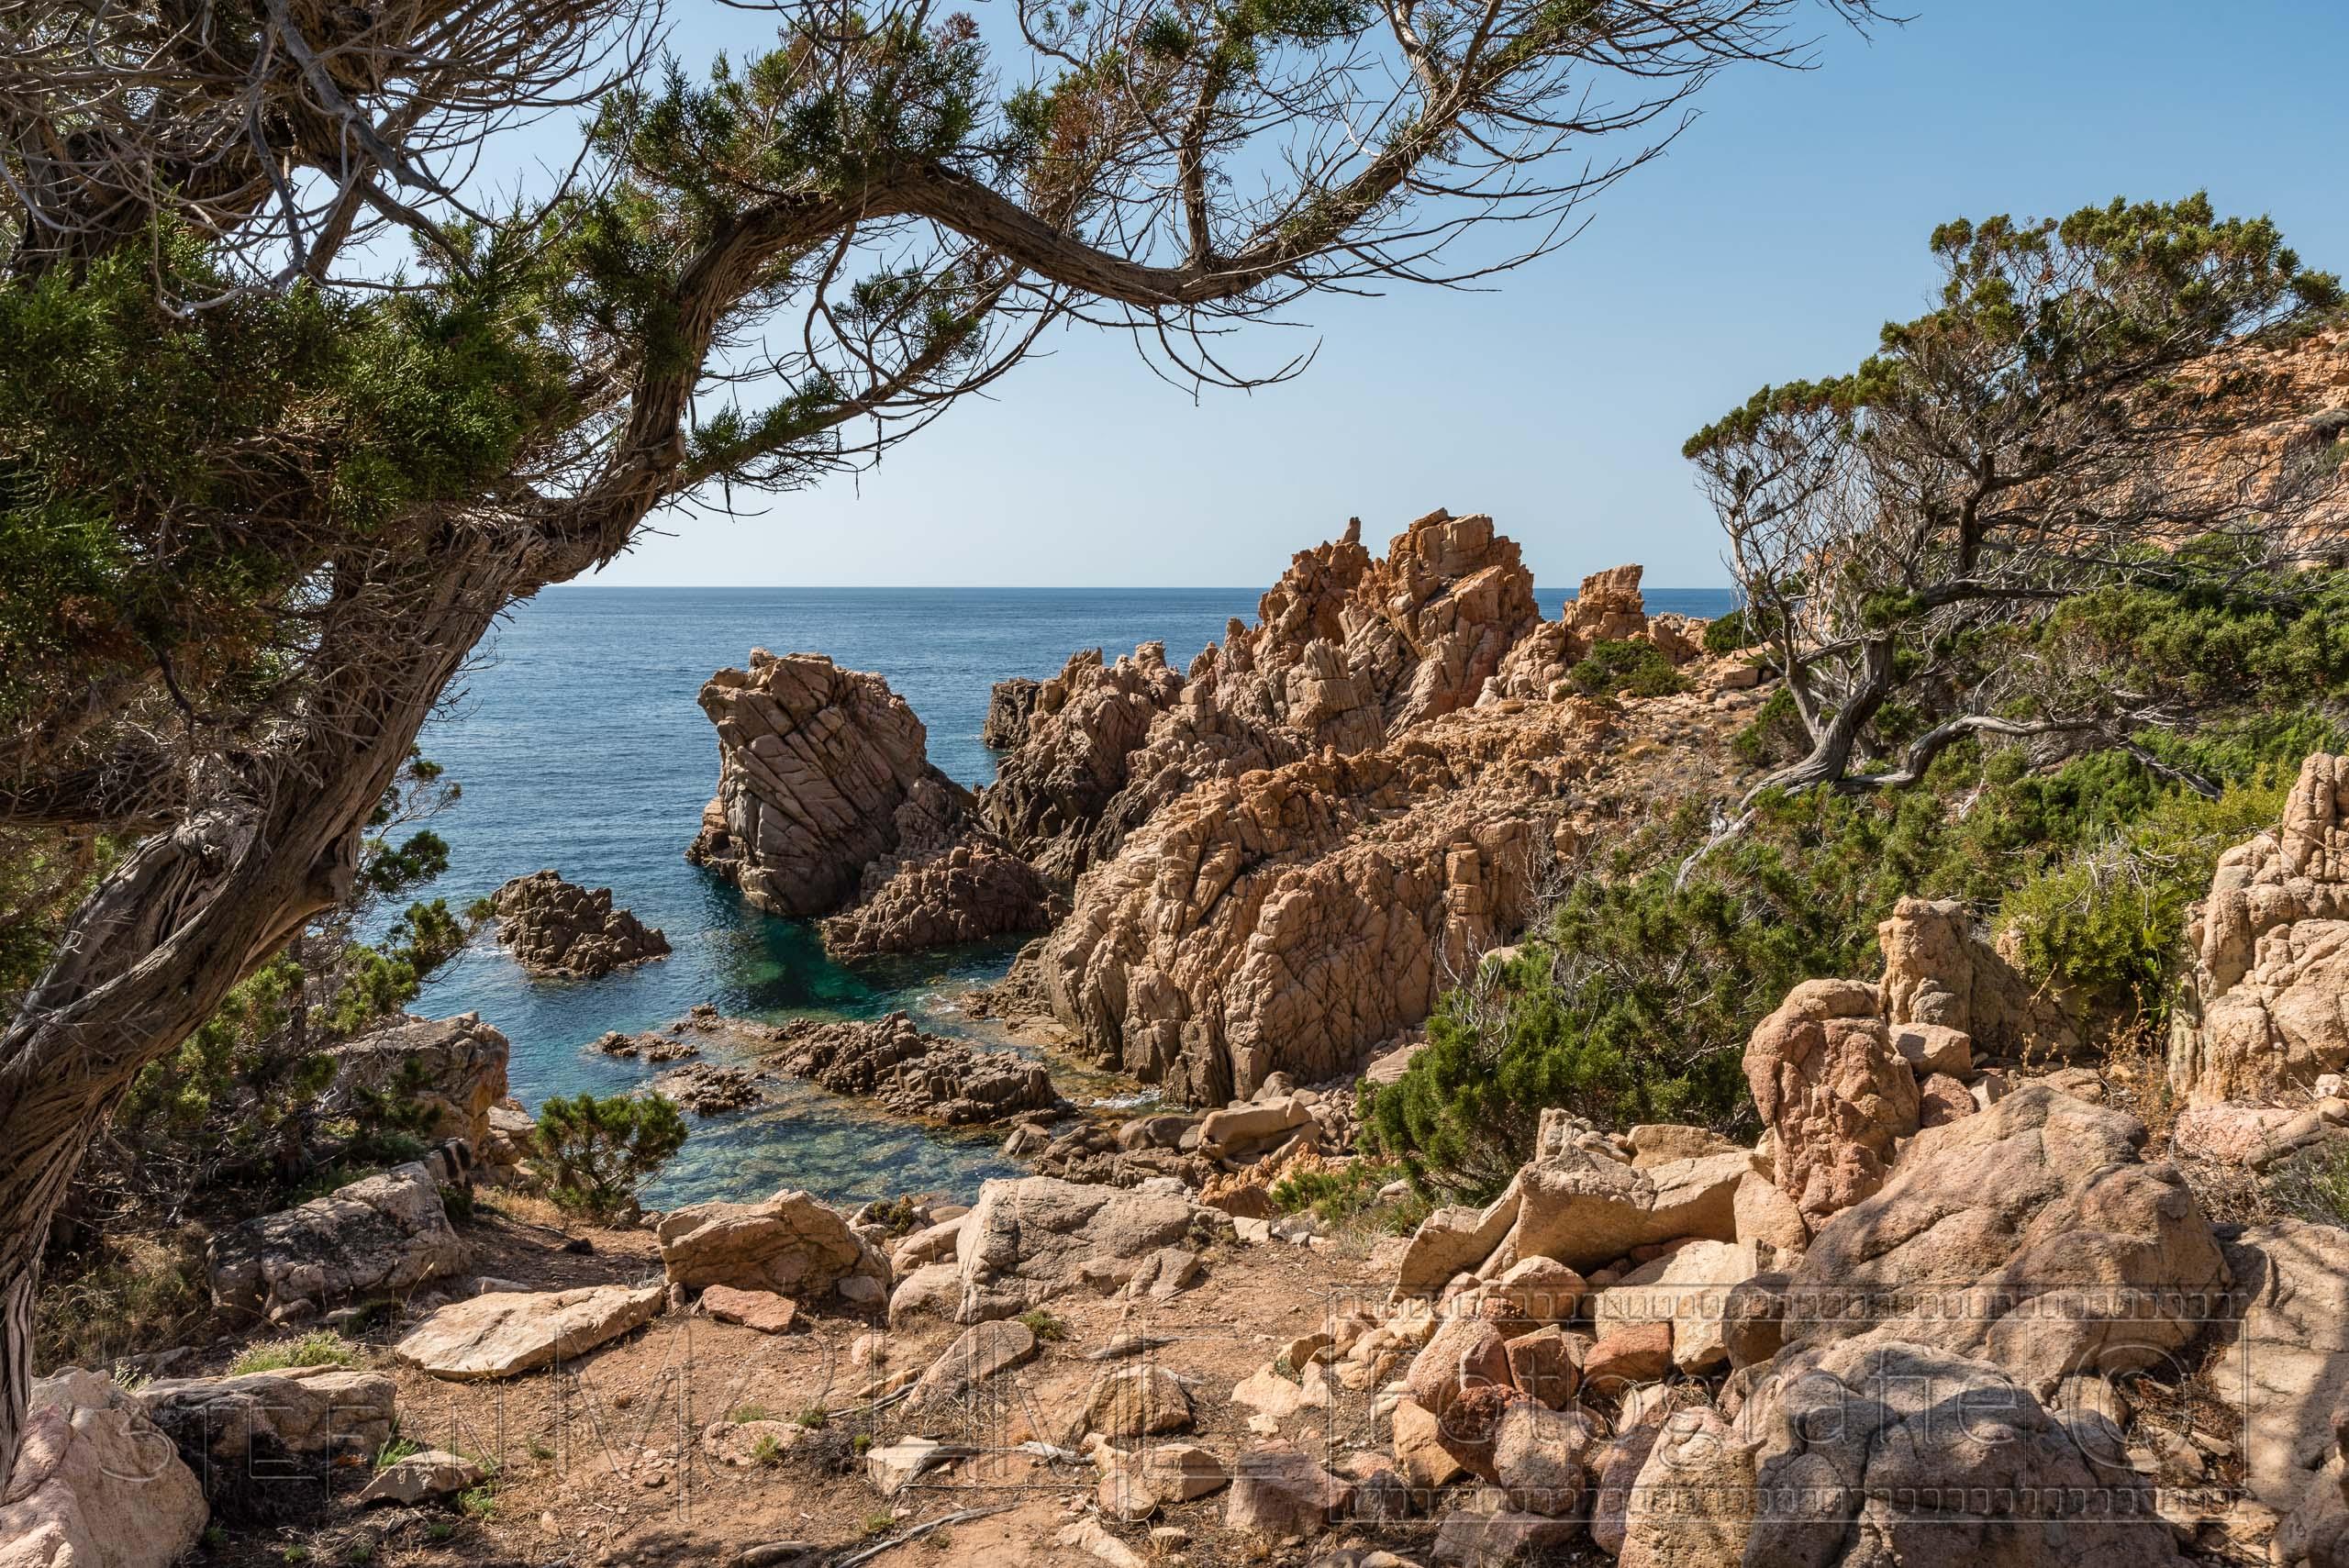 Sardinien, Wanderung entlang der Costa Paradiso.